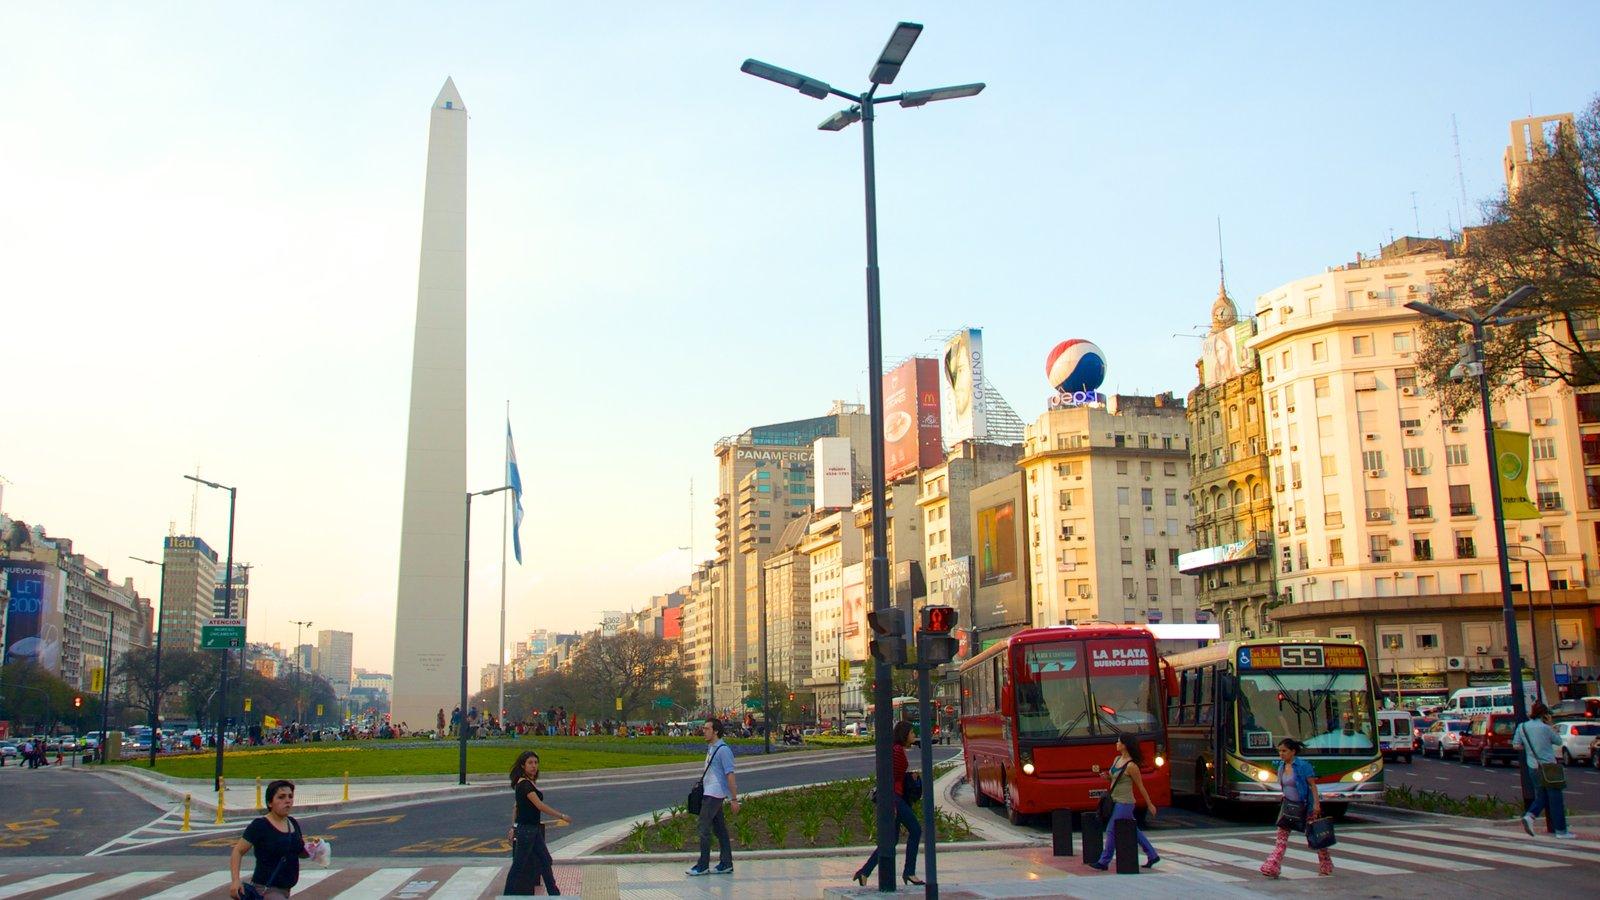 Obelisco mostrando uma cidade, um monumento e arquitetura moderna